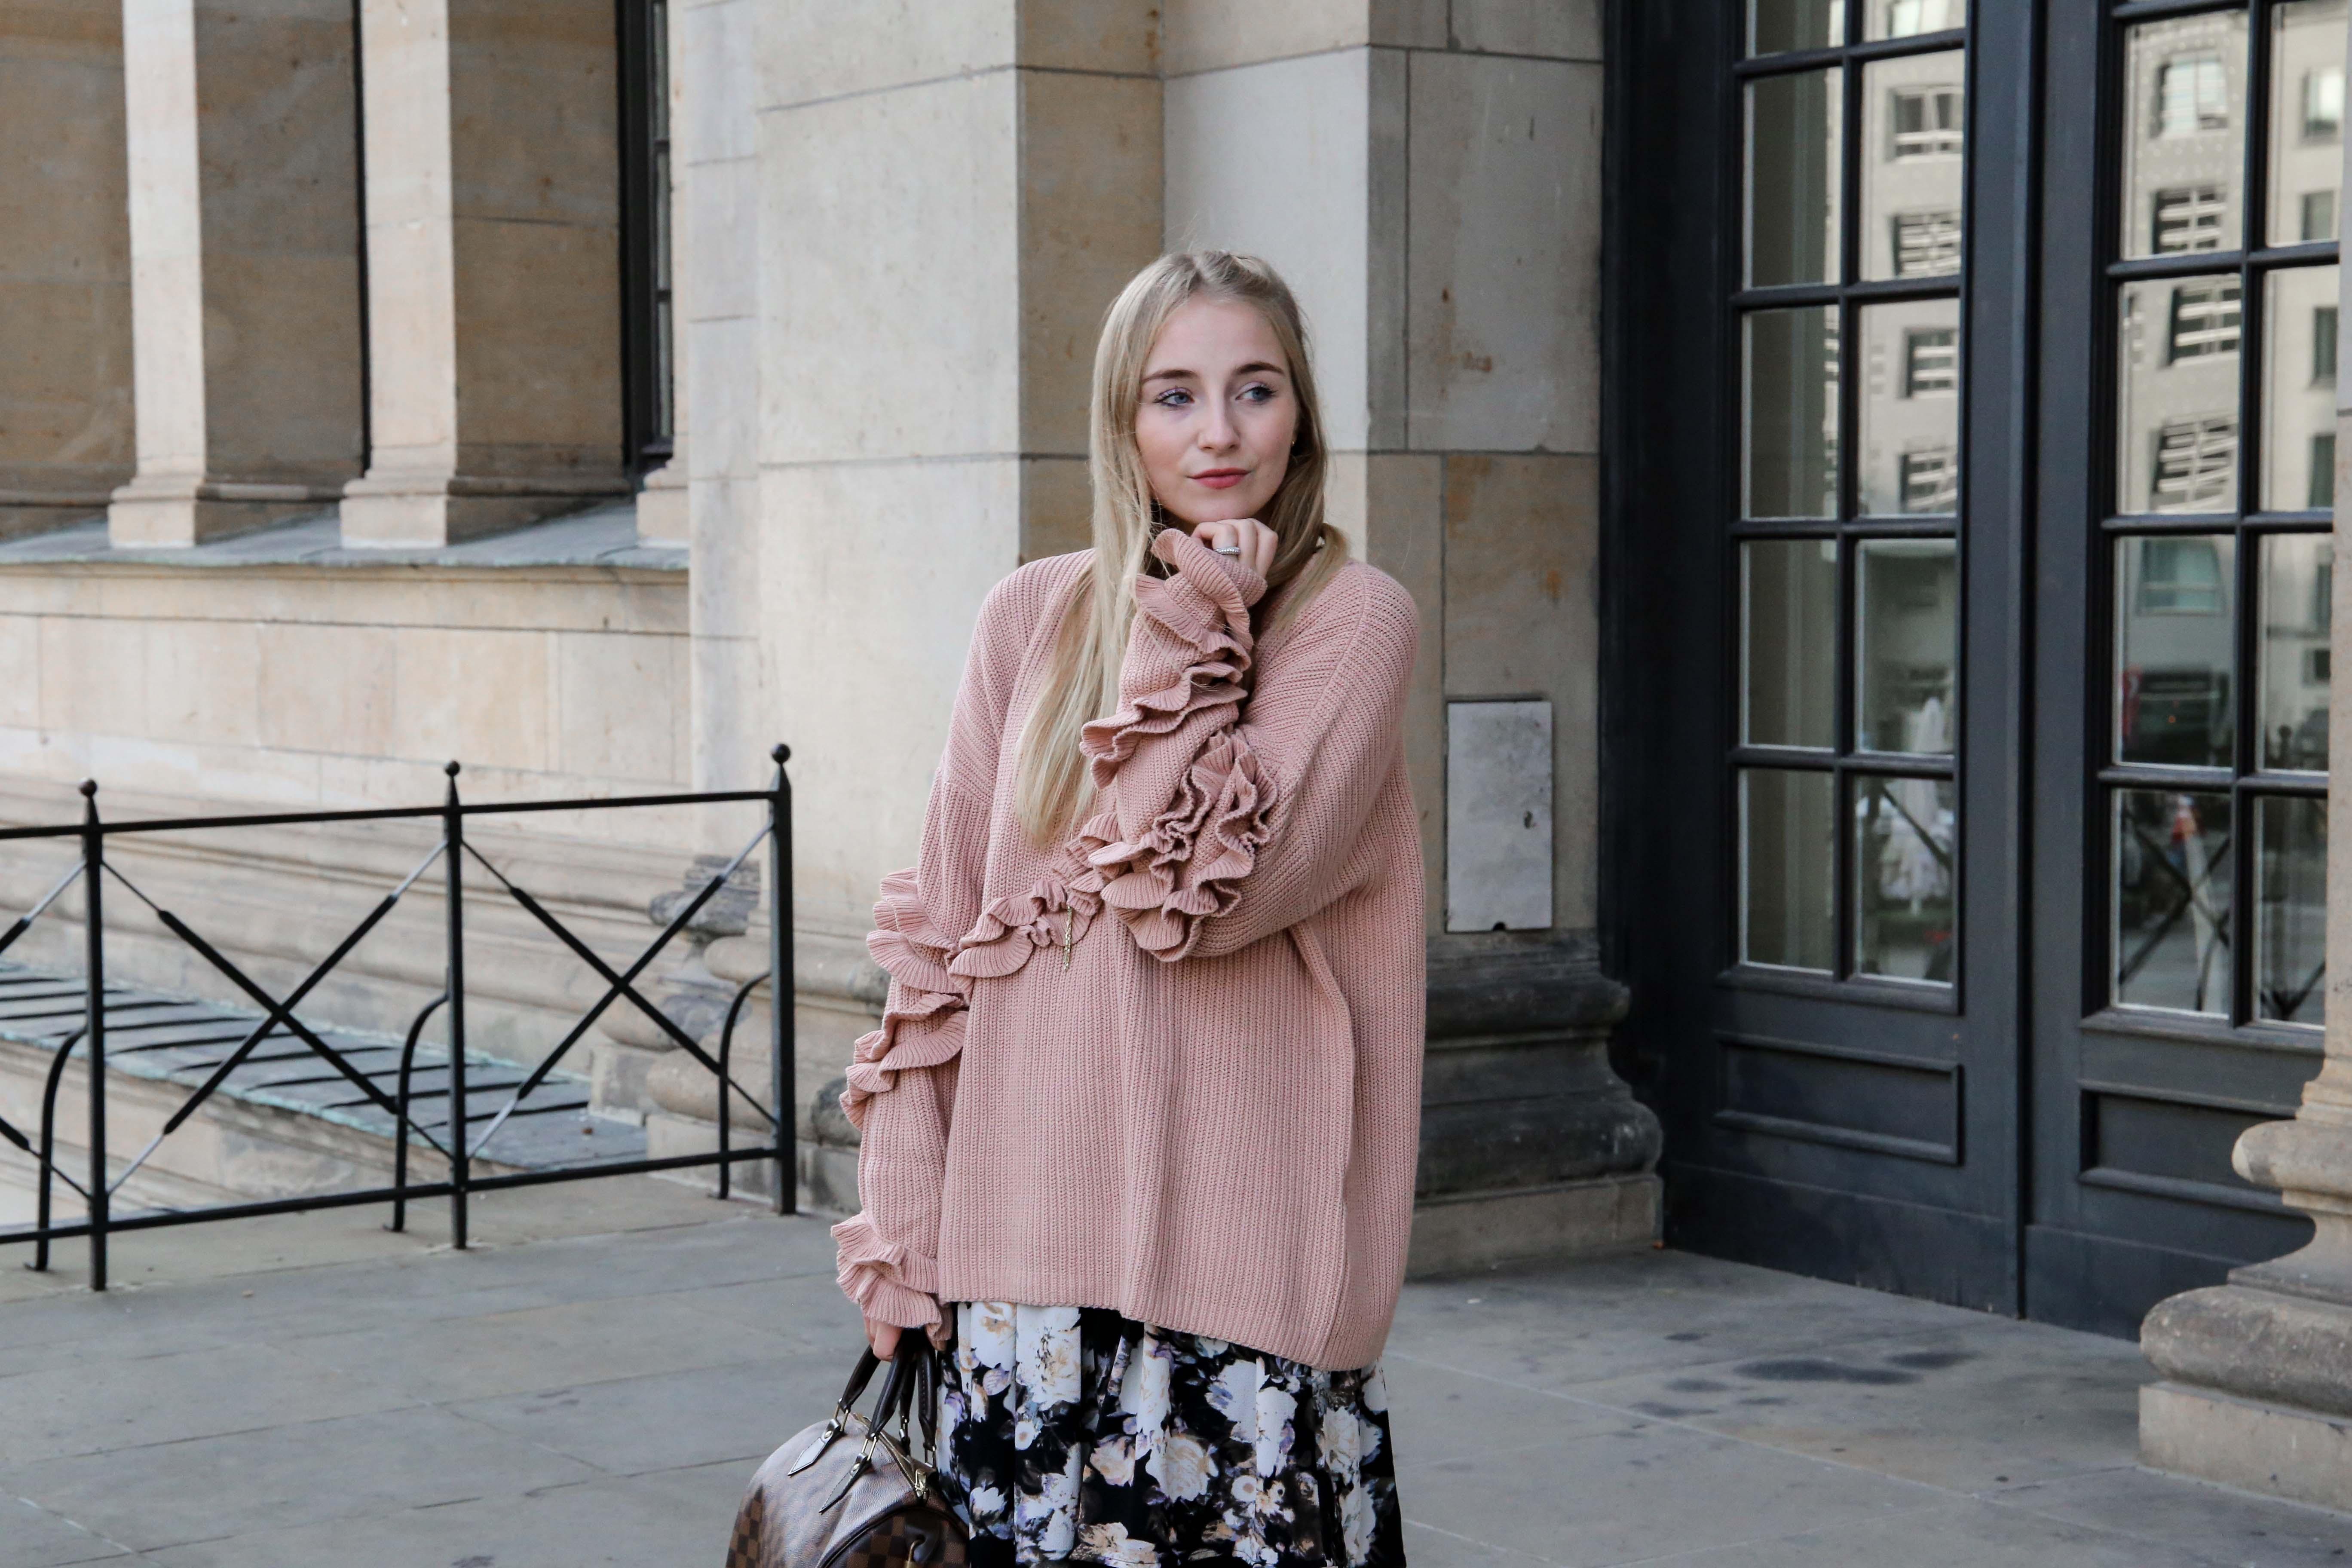 rosa-rüschen-pullover-blumenkleid-schleifen-lack-ballerina-berlin-fashionblog-modeblog-blogger-berlin-romantisch